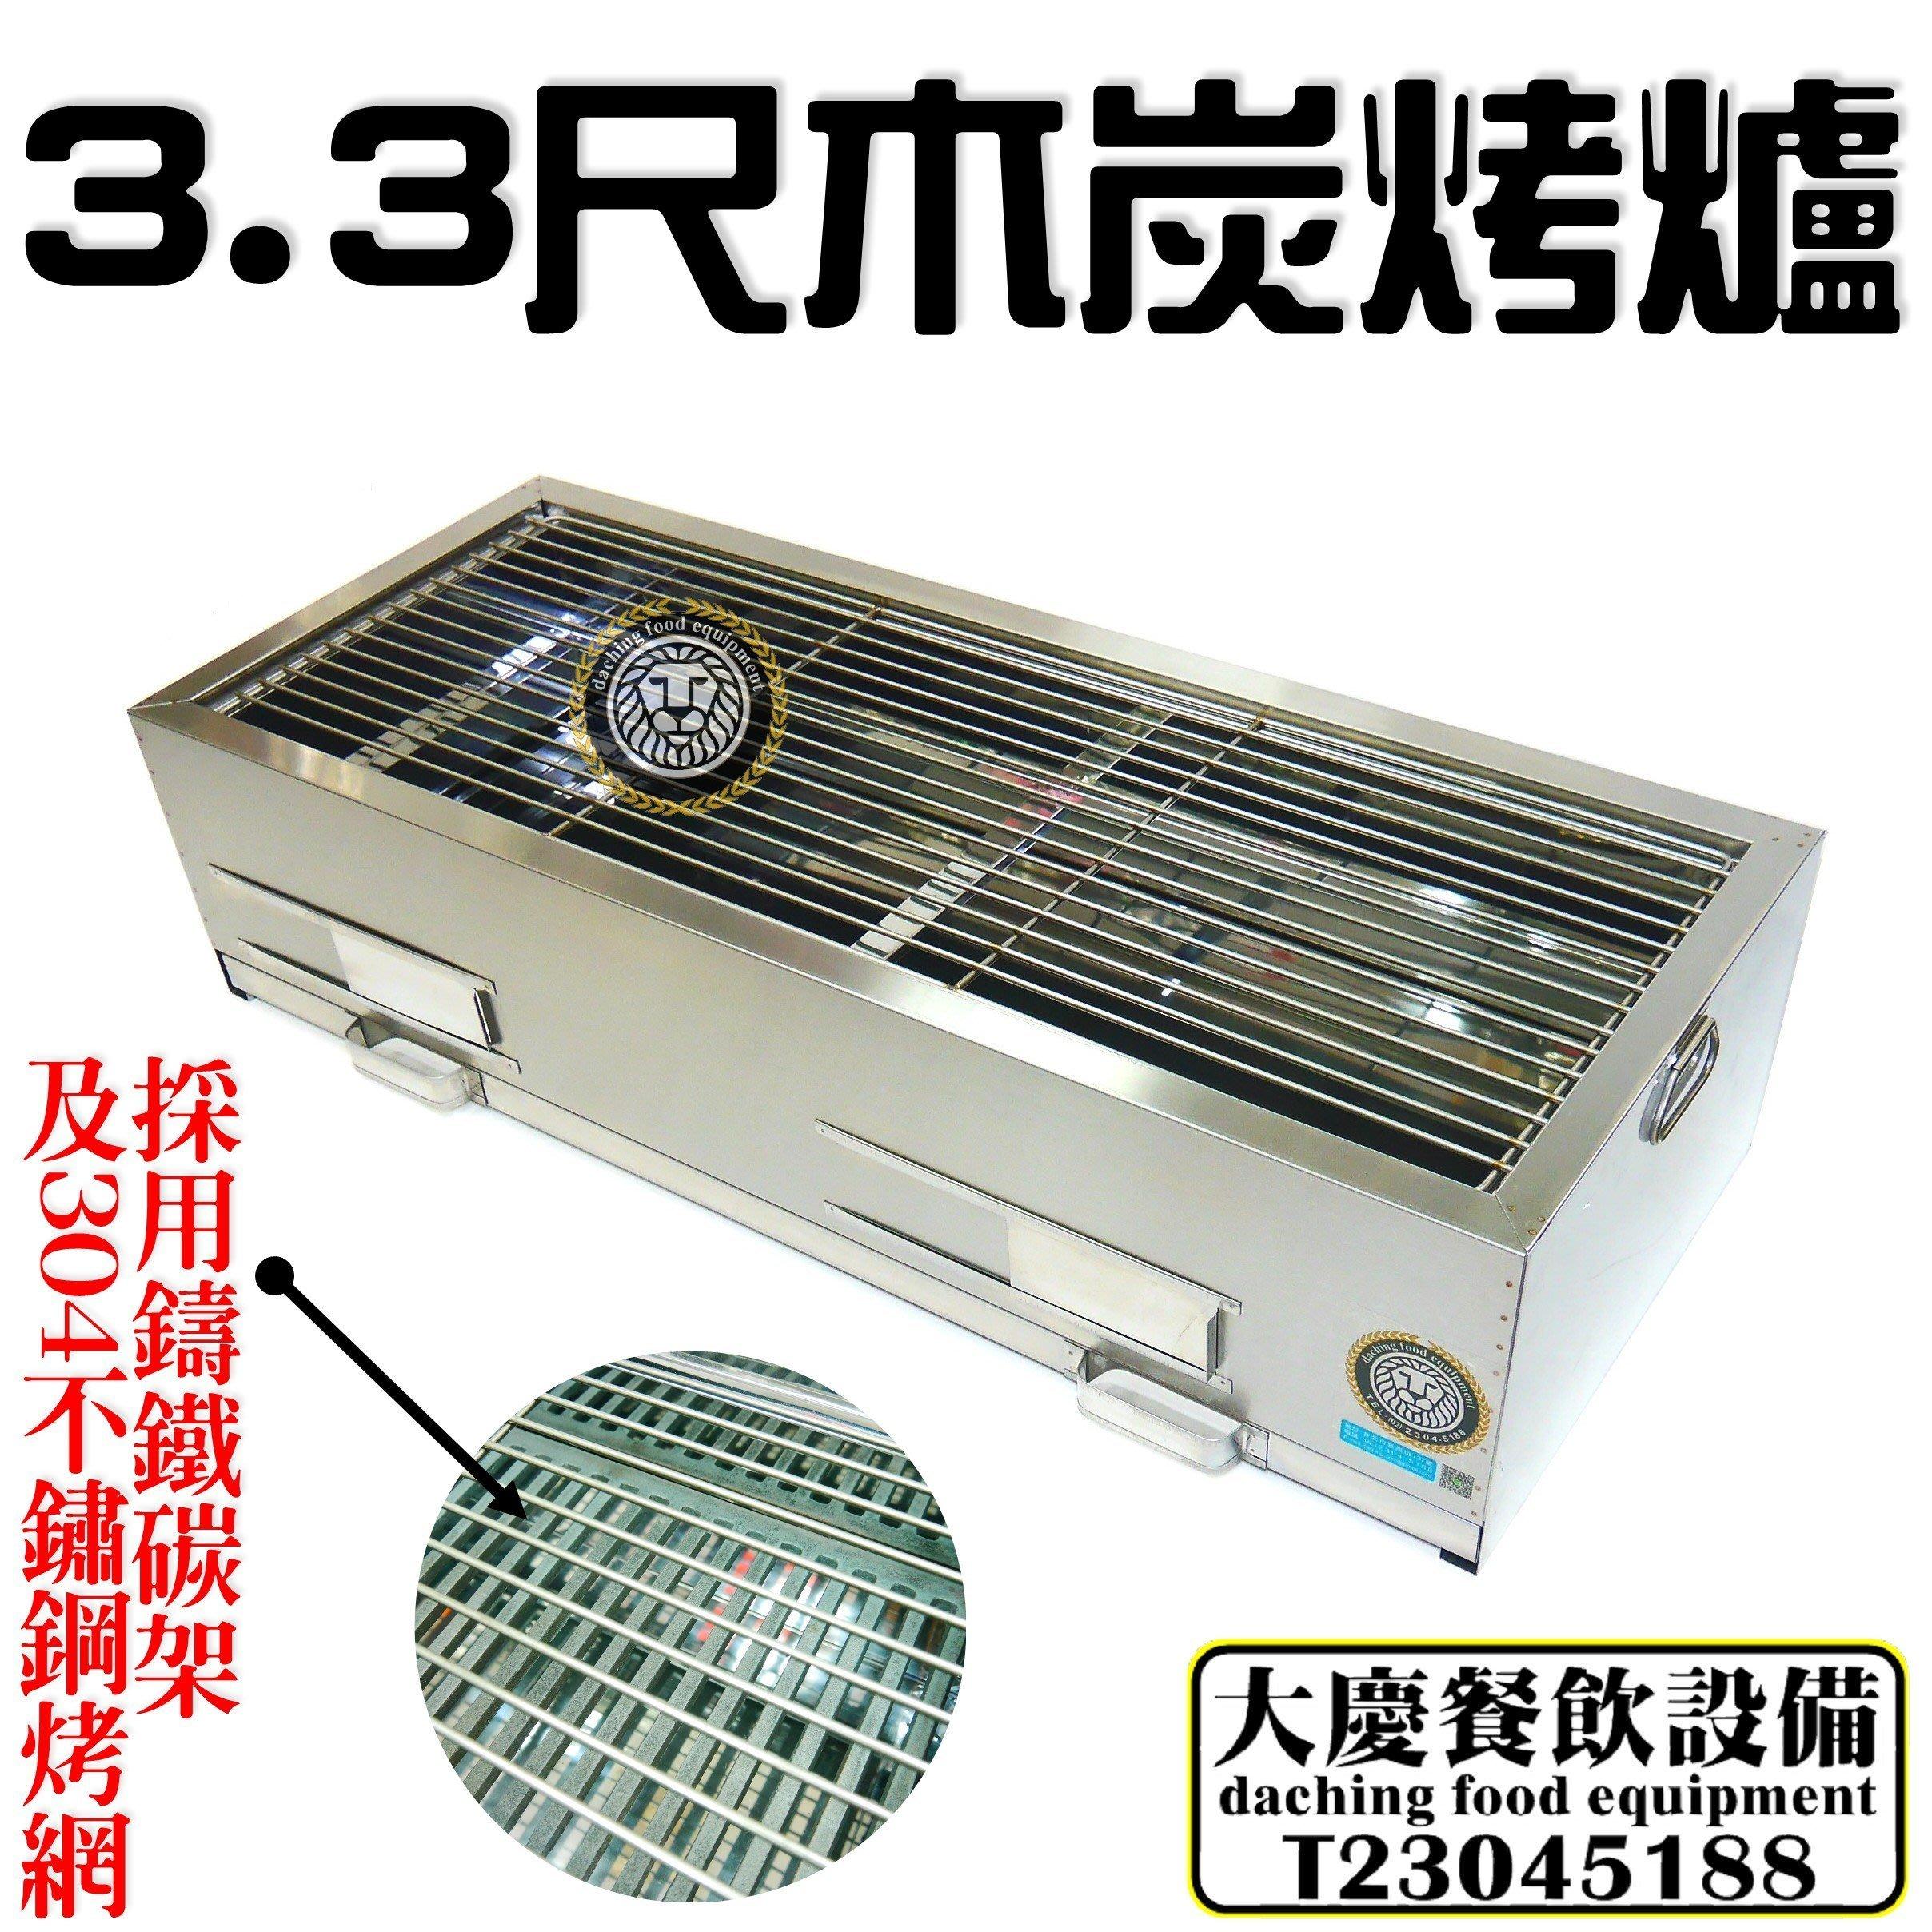 3.3尺 烤肉爐 (304烤網/鑄鐵碳架/雙層不鏽鋼) 木炭爐 香腸爐 木碳烤爐 烤肉架 不銹鋼烤爐